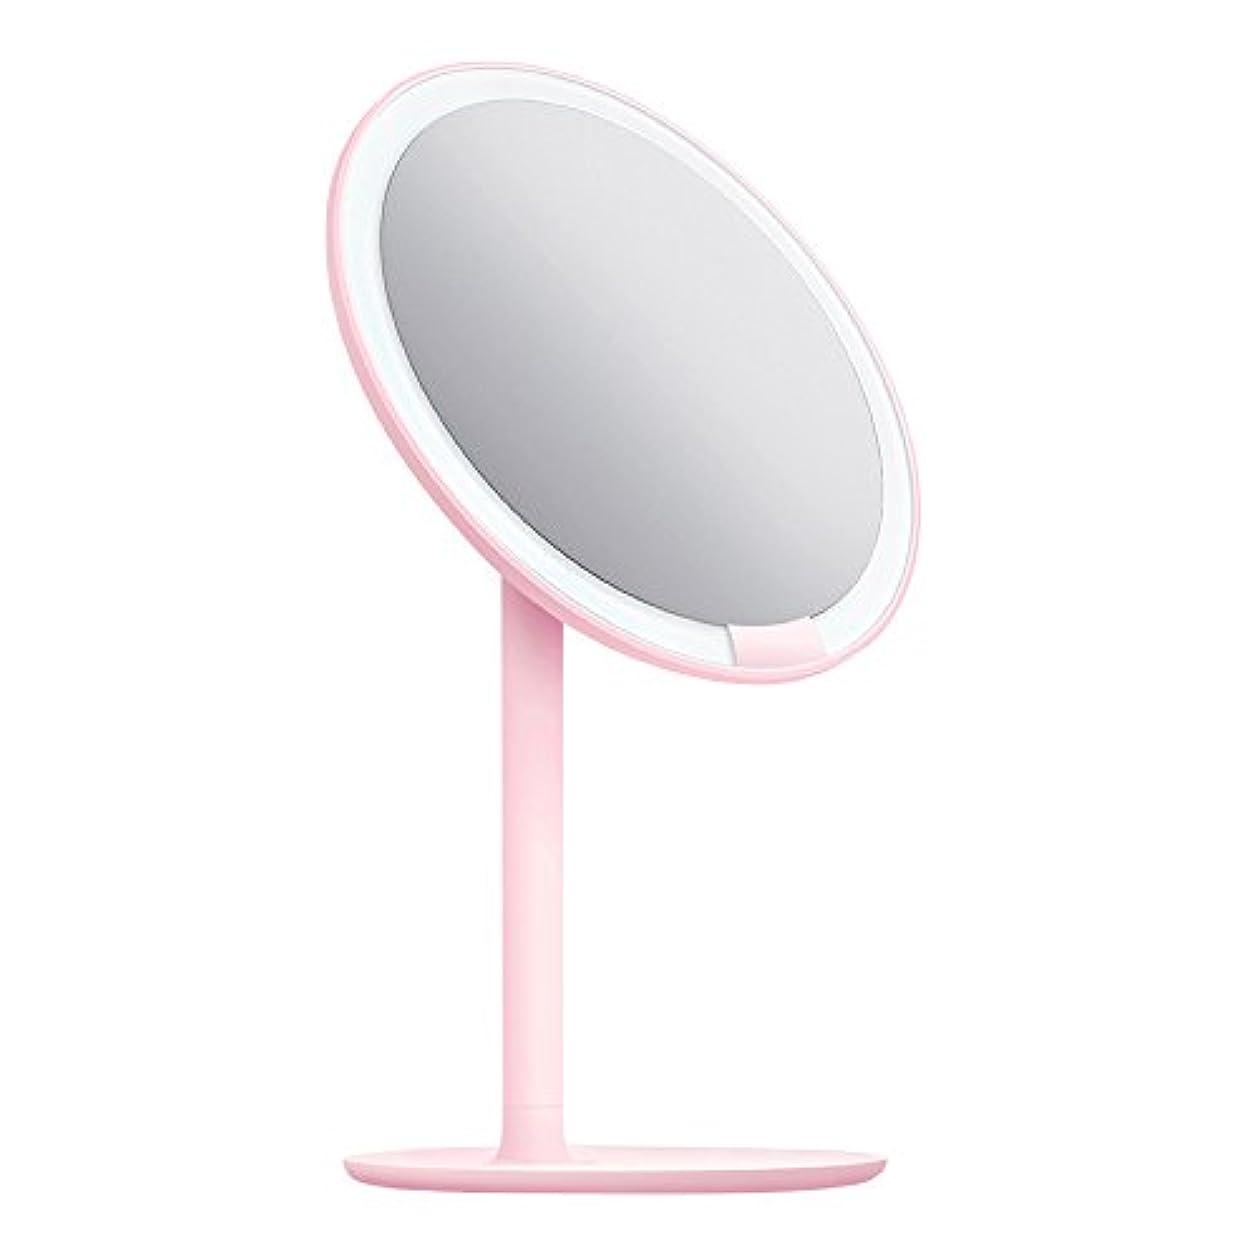 レース思慮のない異常AMIRO 化粧鏡 化粧ミラー LEDライト付き 卓上鏡 女優ミラー 3段階明るさ調節可能 コードレス 充電式